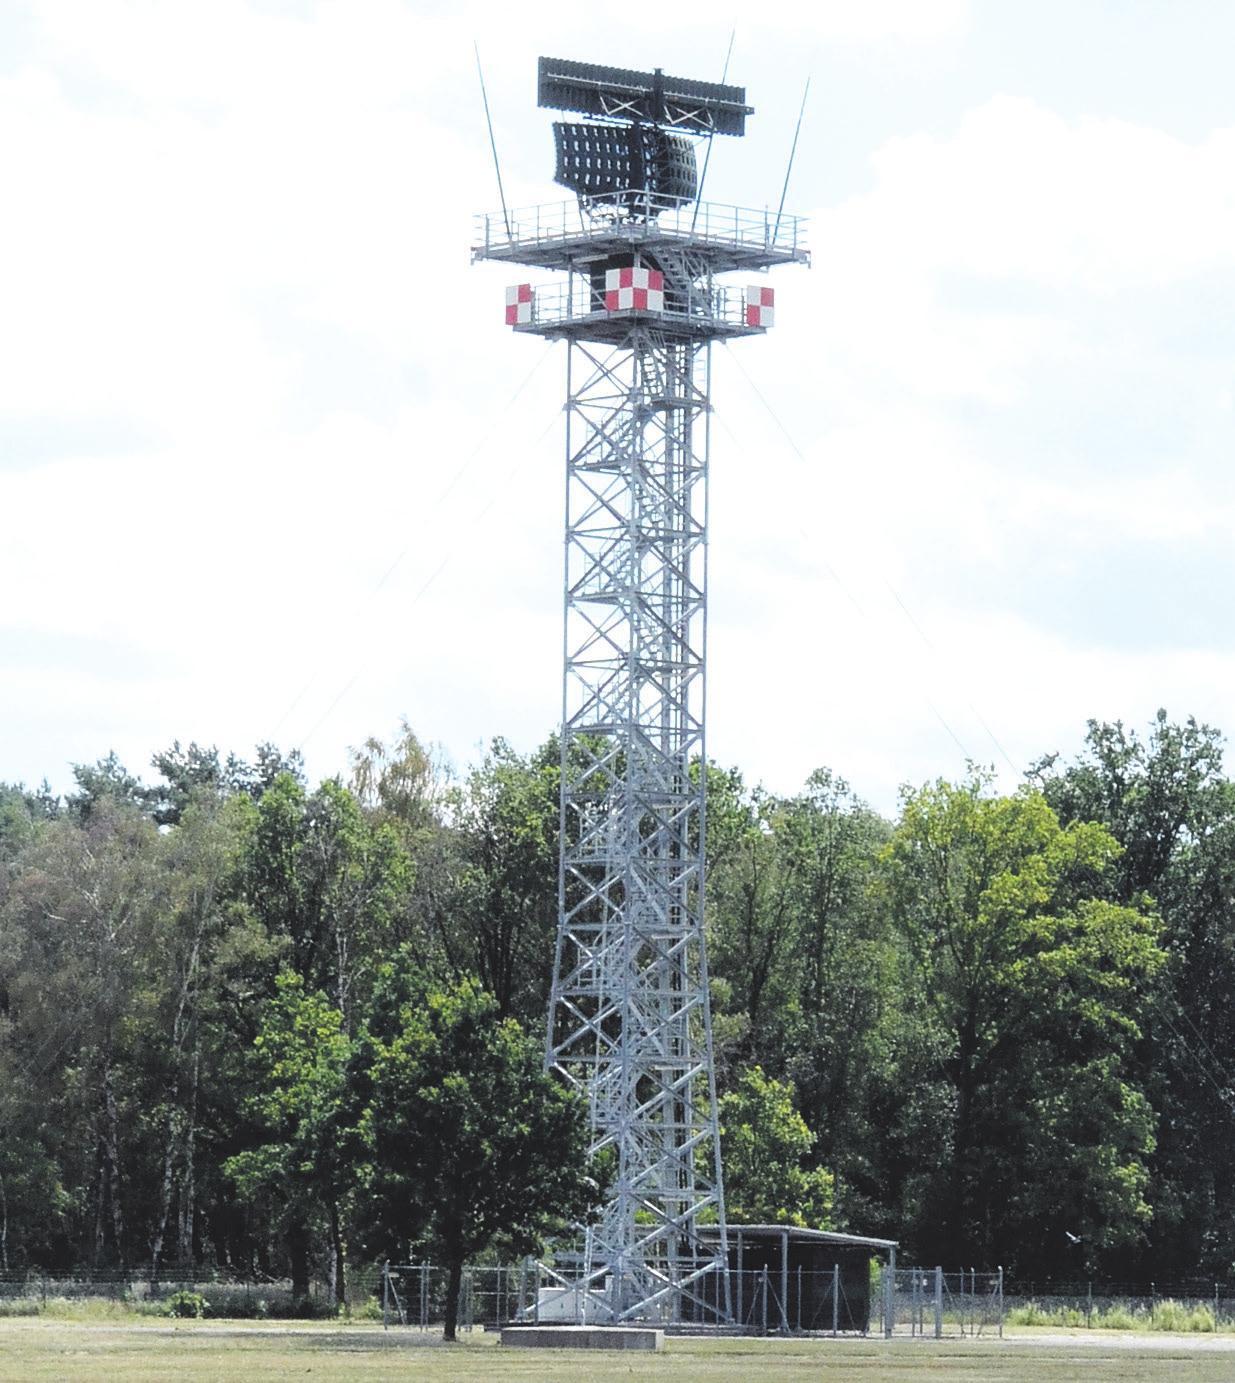 Das neue Radar auf dem Turm ist im Vergleich zu seinem Vorgänger deutlich moderner und besitzt viele digitale Funktionen.